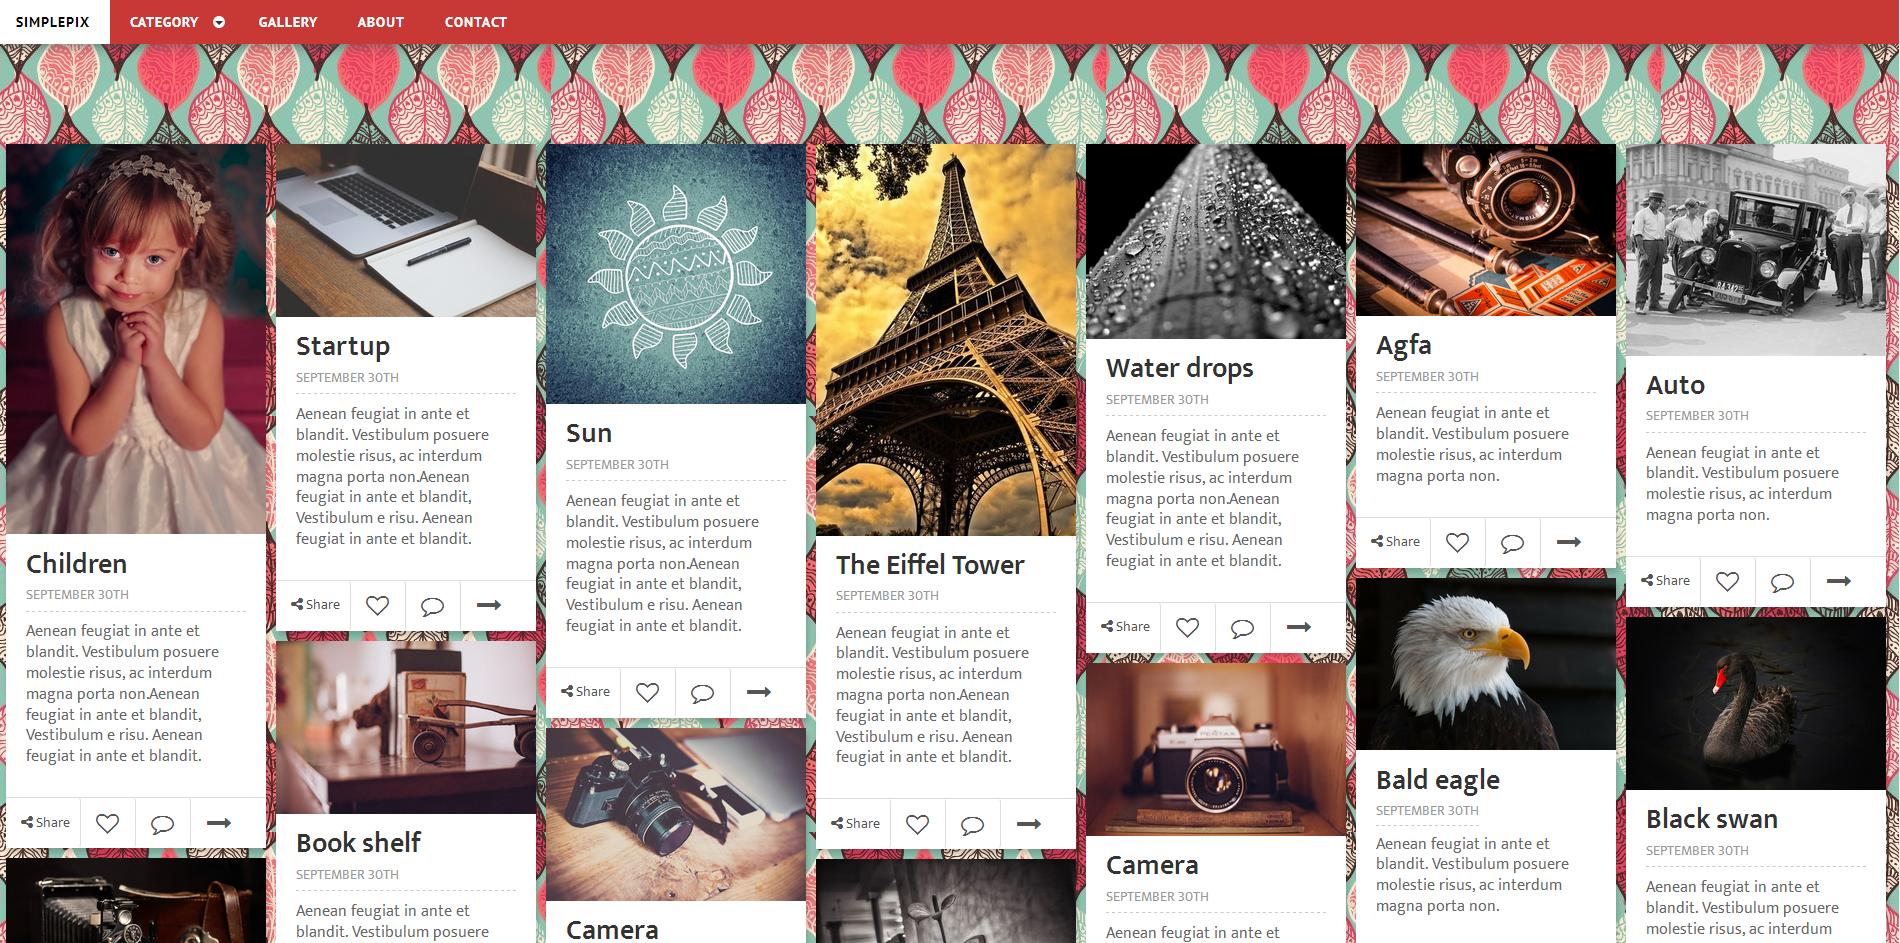 红色瀑布流布局图片分享html5模板